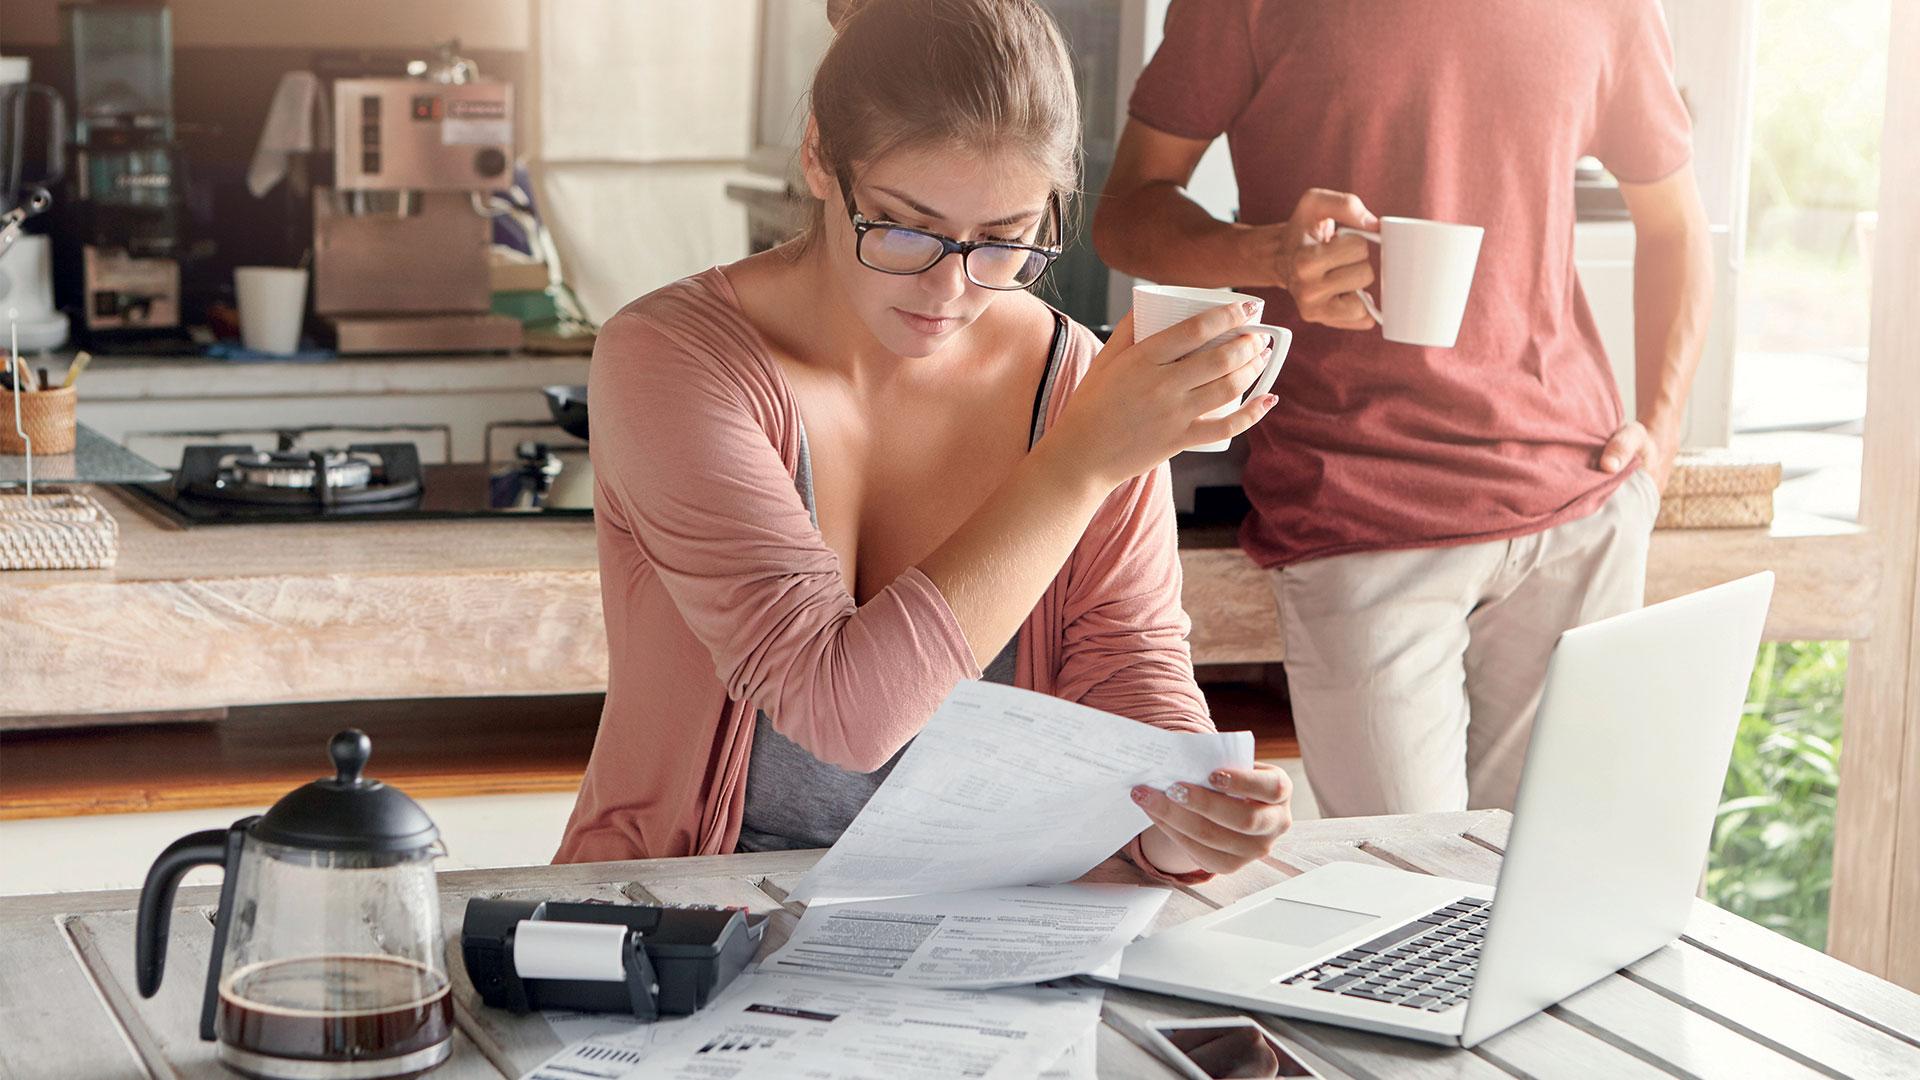 schuldsaldoverzekering kortrijk